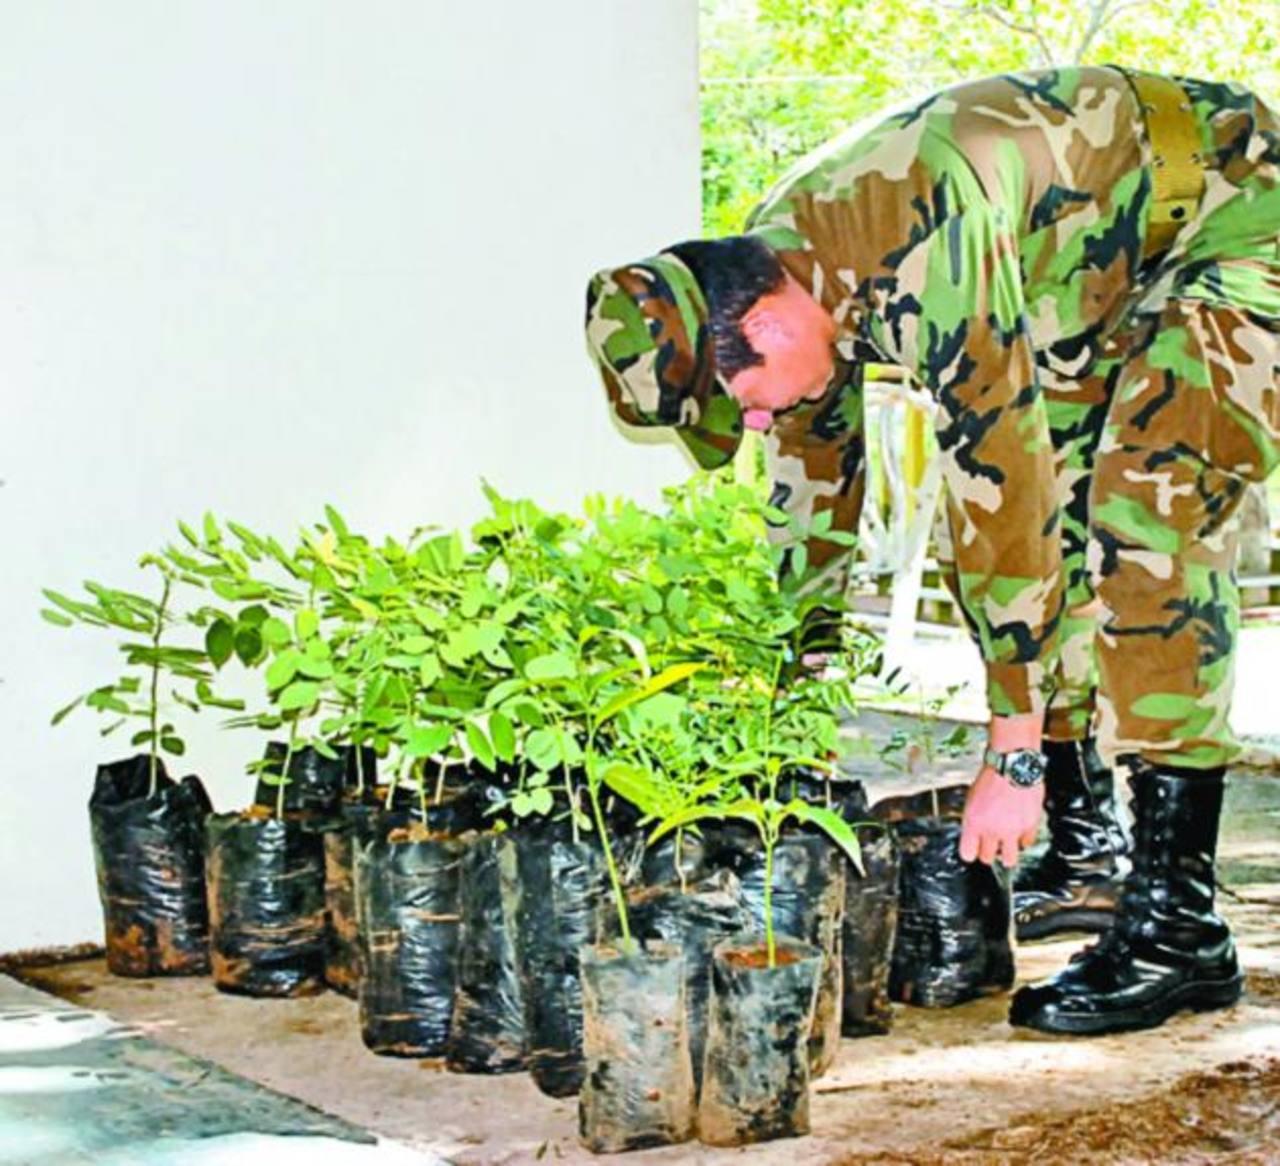 Las plantas que se han donado en la actividad son parte del vivero que mantiene el regimiento militar. Foto EDH / insy Mendoza